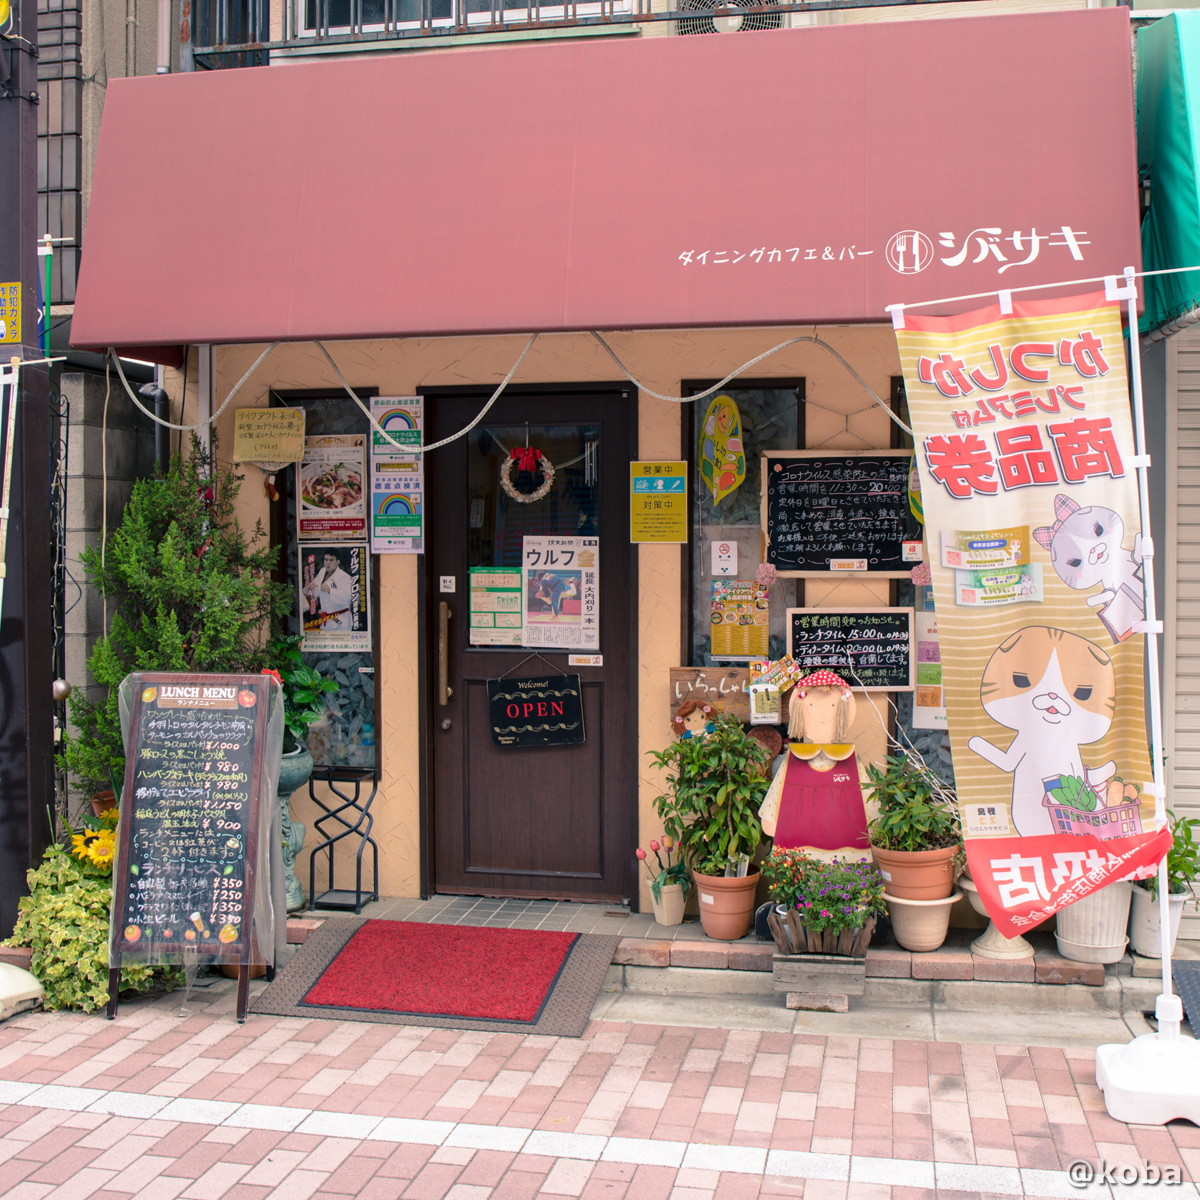 外観の写真|ダイニングカフェ&バーシバサキ(だいにんぐかふぇ&ばー しばさき)洋食|東京都葛飾区・新小岩駅|こばフォトブログ